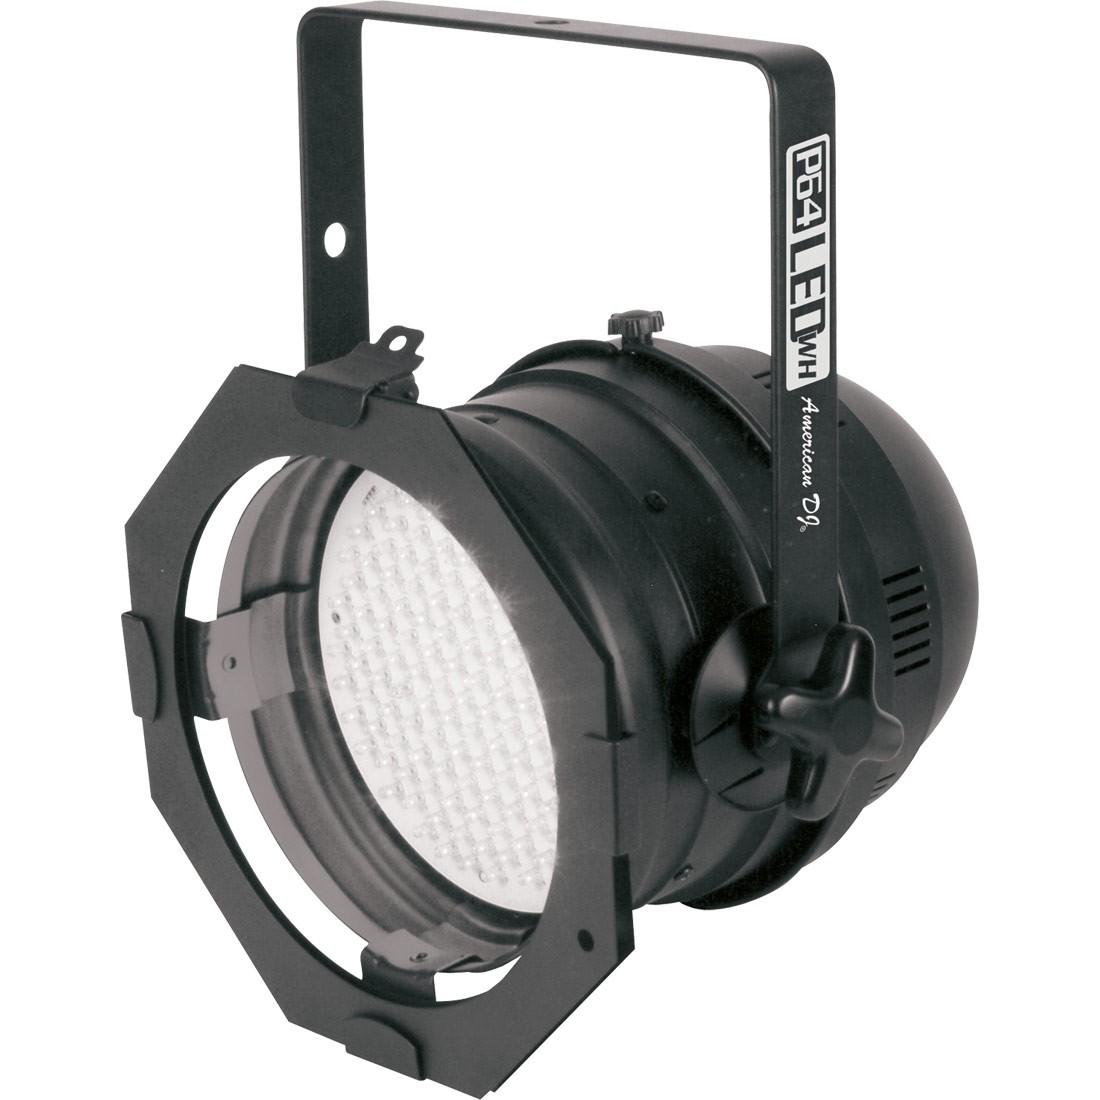 led par 64 dmx white leds product archive light lights products adj group. Black Bedroom Furniture Sets. Home Design Ideas